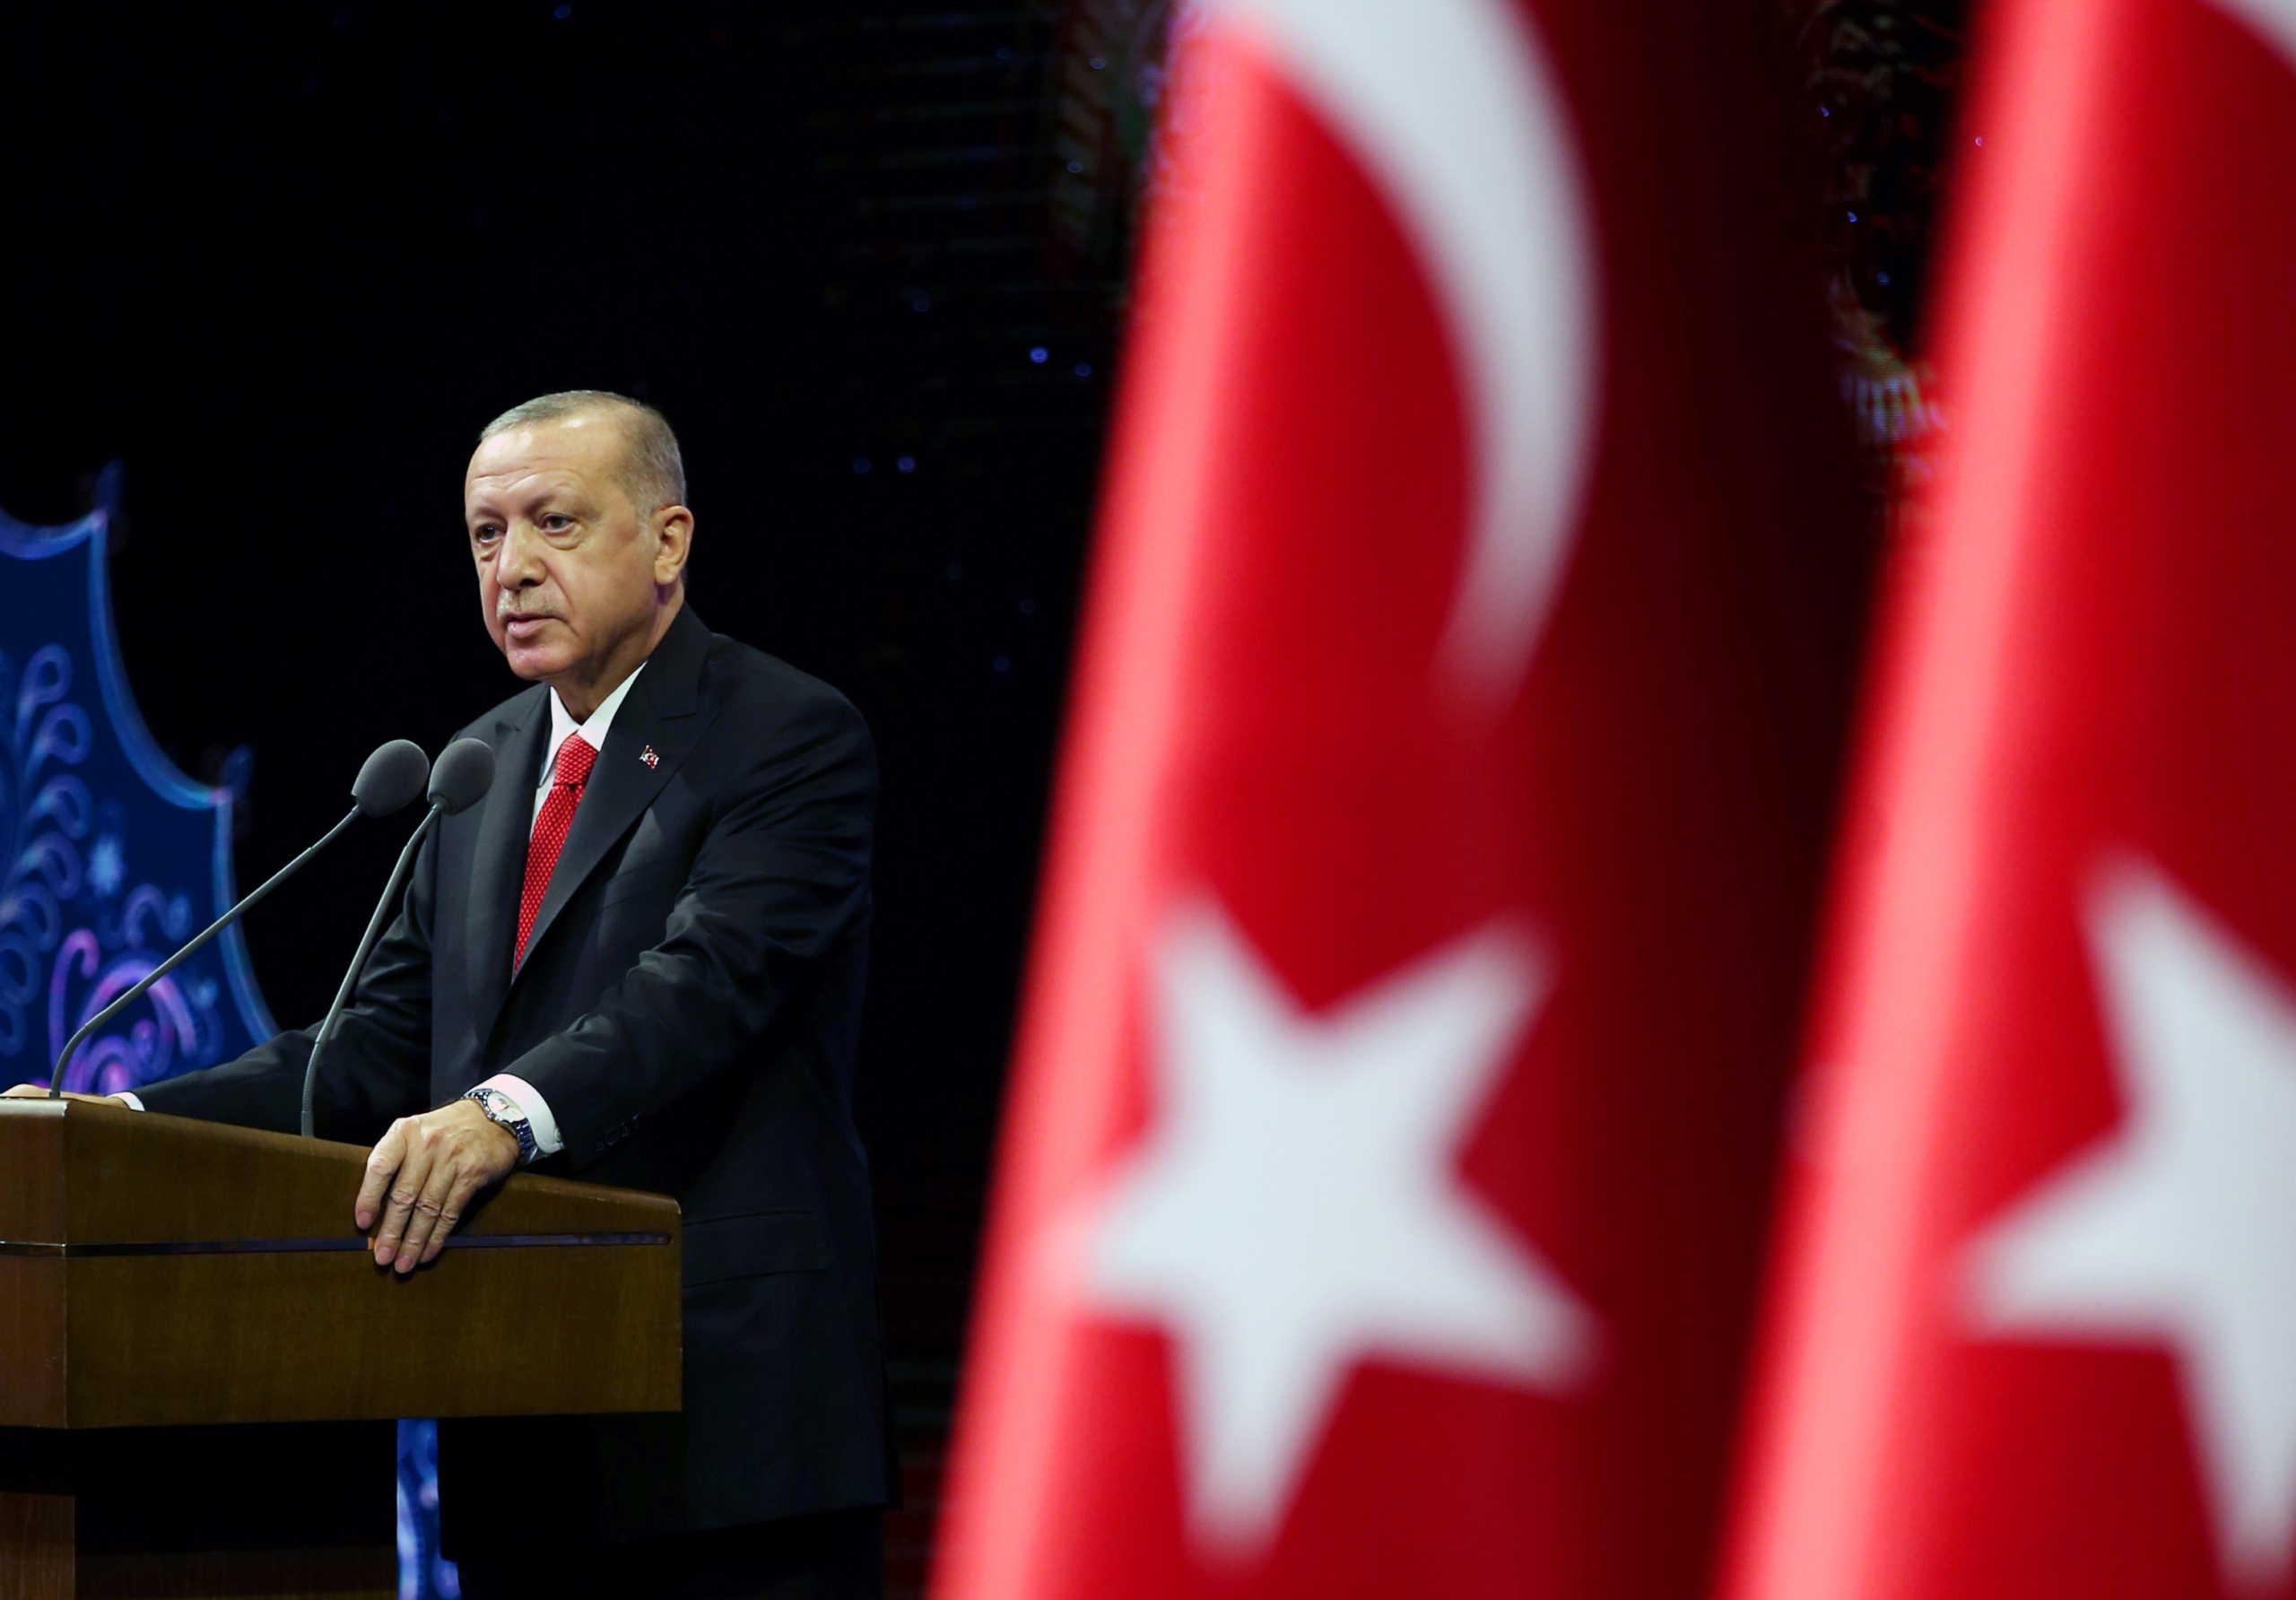 Τουρκία: Ισόβια σε 92 άτομα για το πραξικόπημα του 2016 – 100.000 περιμένουν να δικαστούν